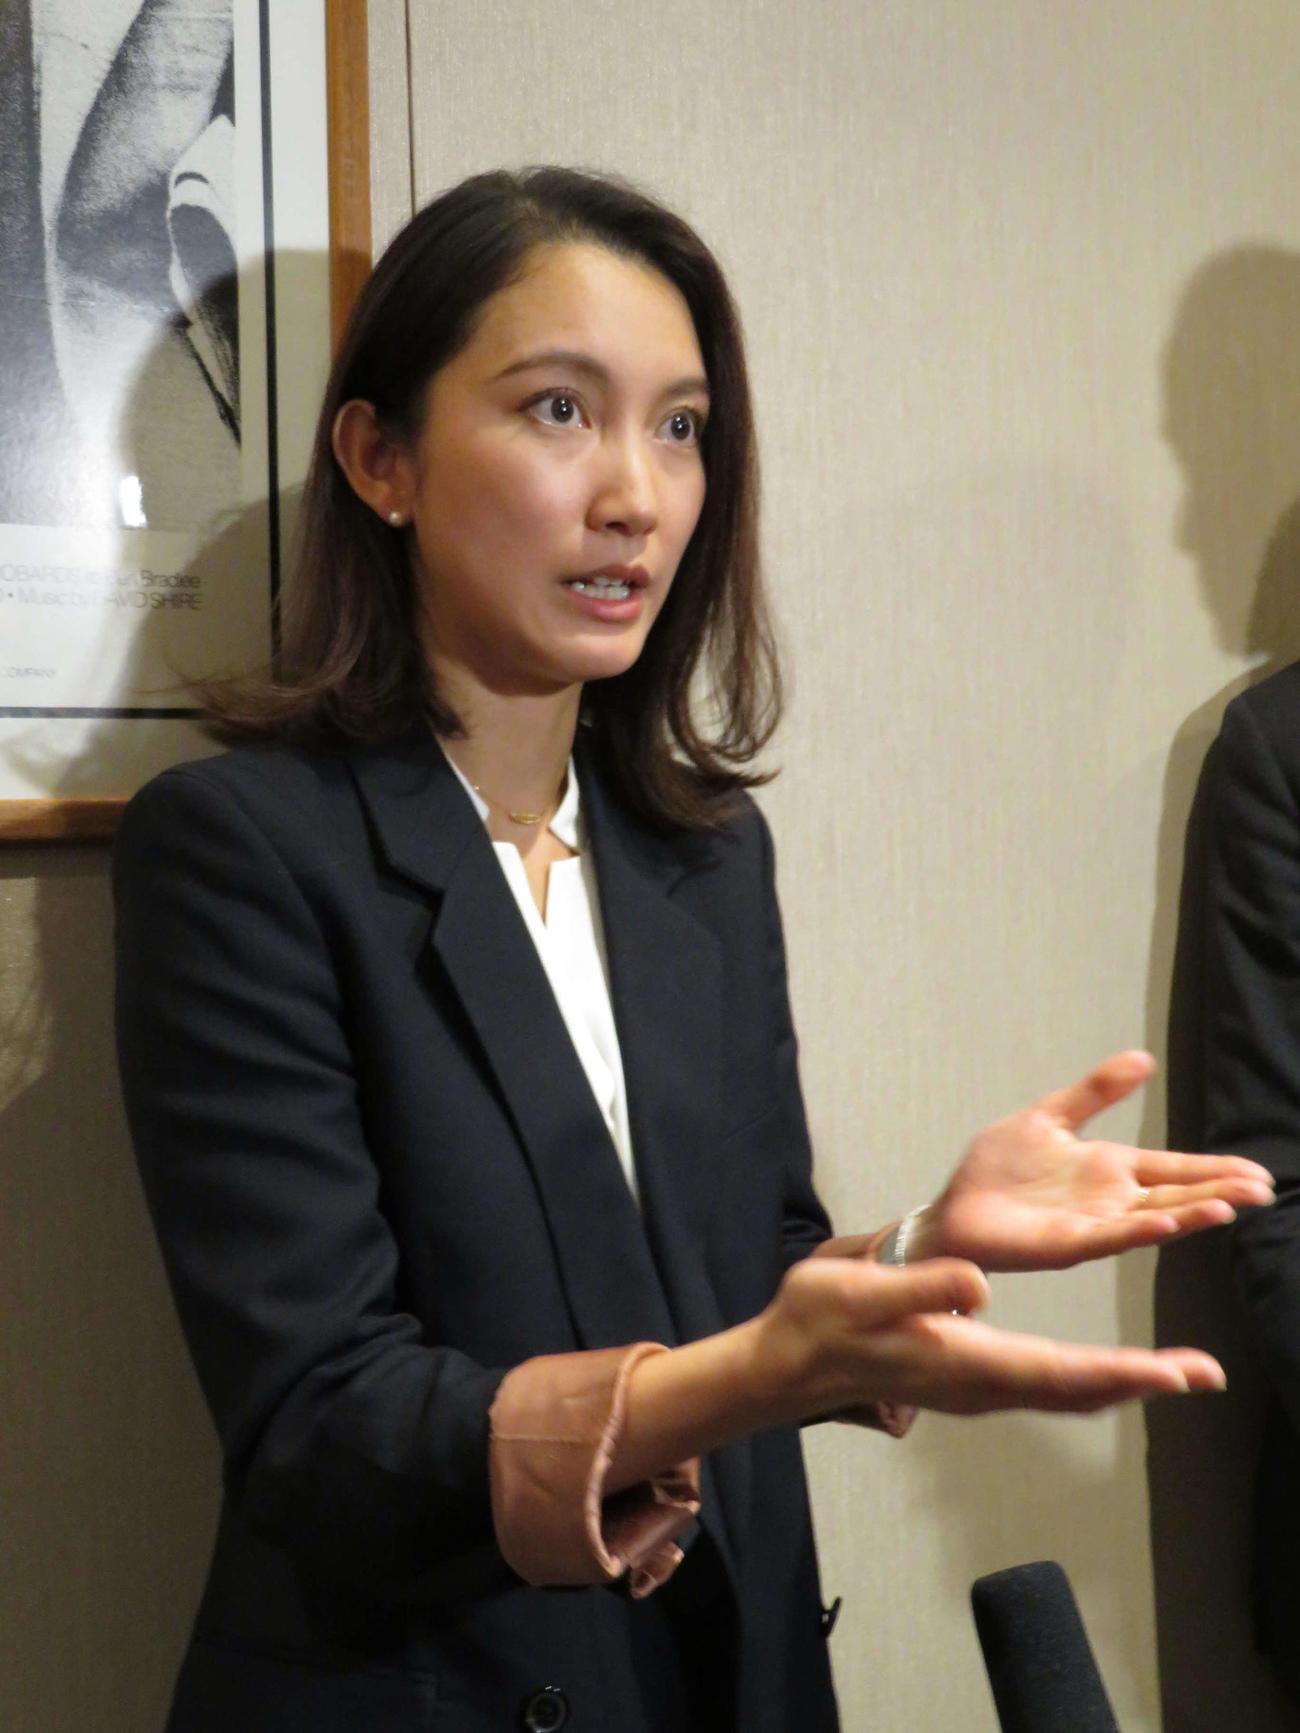 伊藤詩織さん、山口敬之氏会見取材も「新情報ない」 , 社会